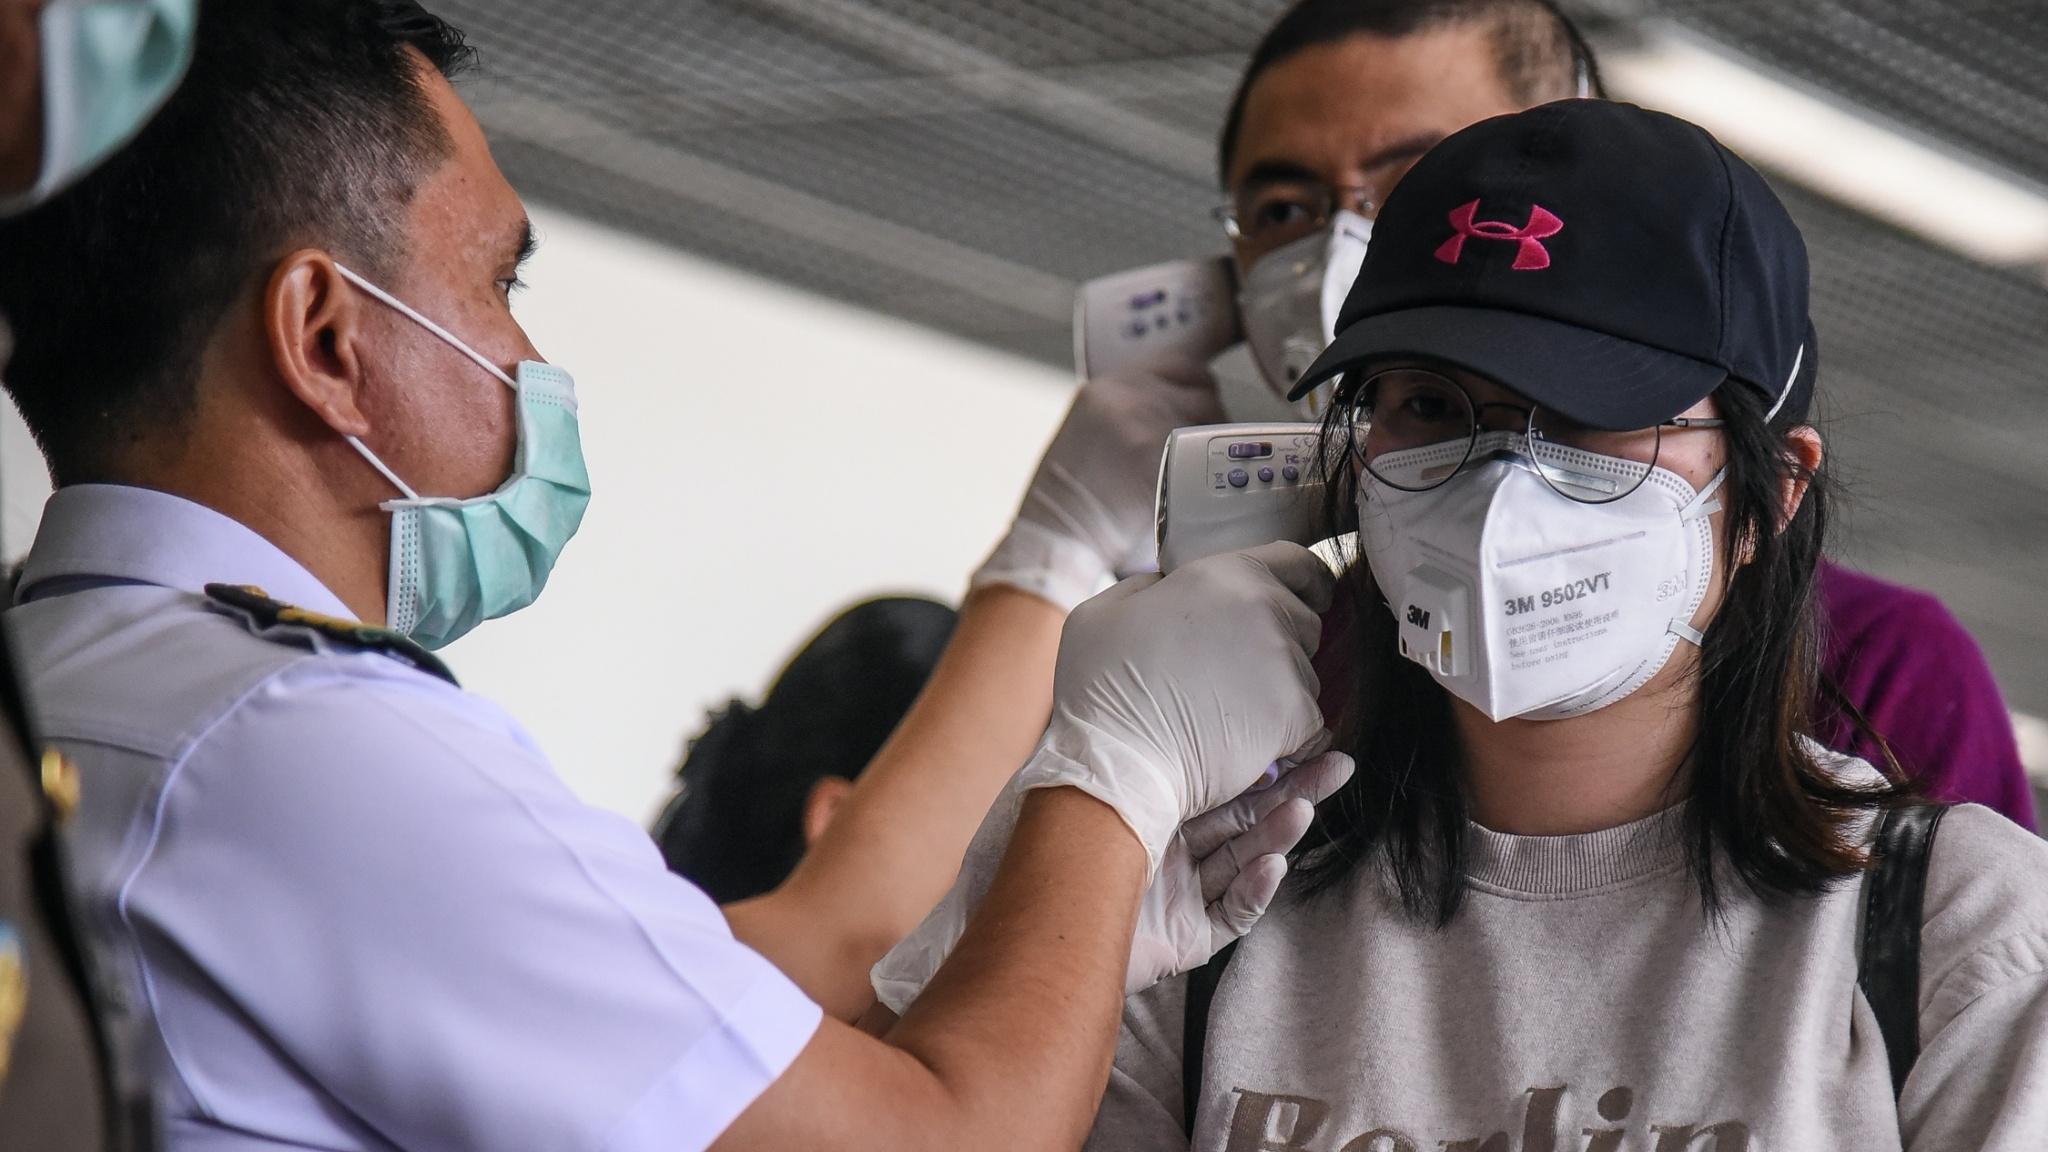 ข่าวจังหวัดนนทบุรี ข่าวสดวันนี้ ไวรัสโควิด-19